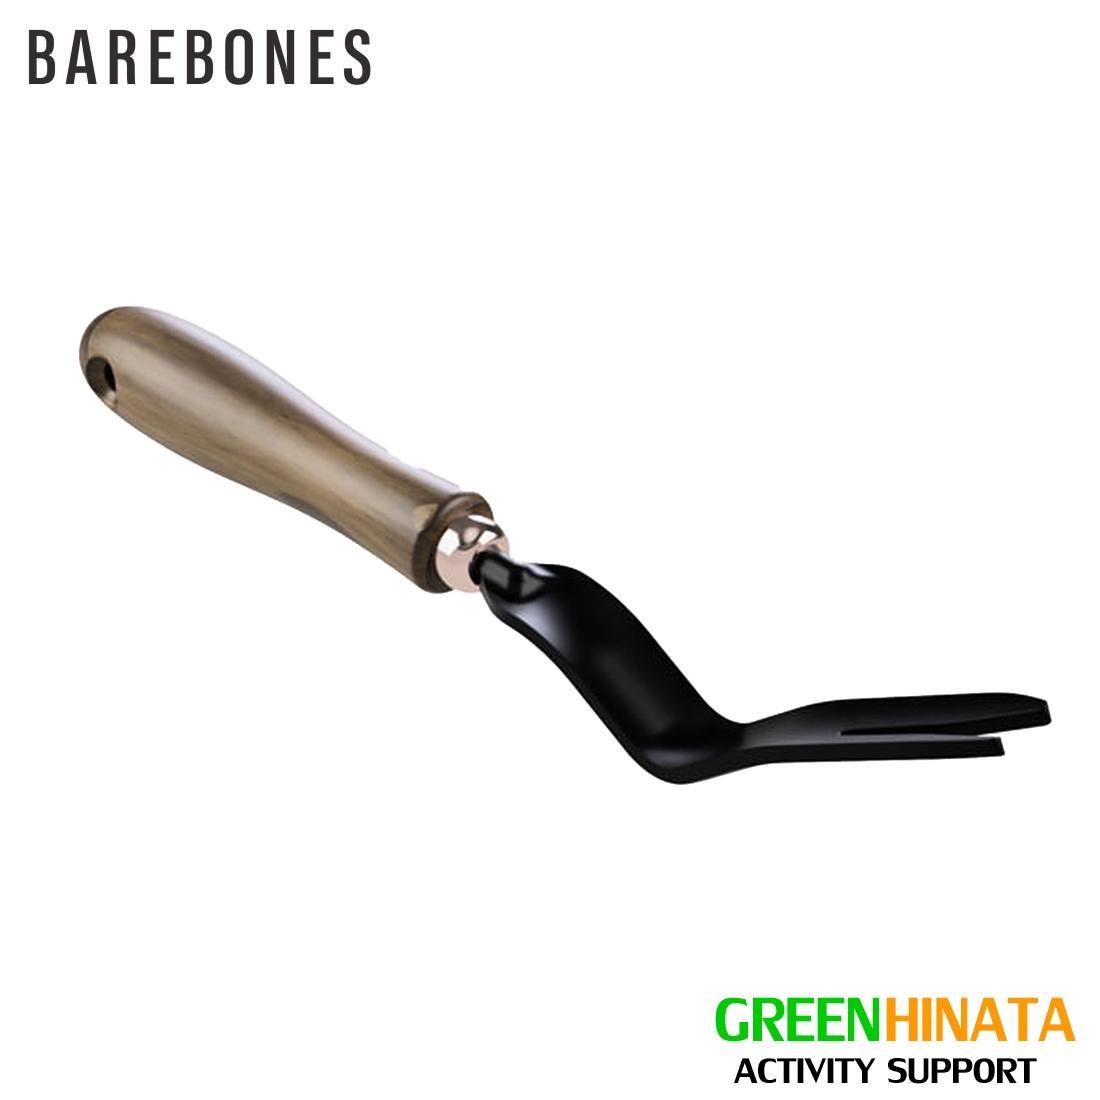 正規品 BarebonesLiving 国内正規品 高品質 ベアボーンズ 正規激安 リビング ダンデリオン 草抜き Fork Dandelion Barebones ウェーディングフォーク Weeding